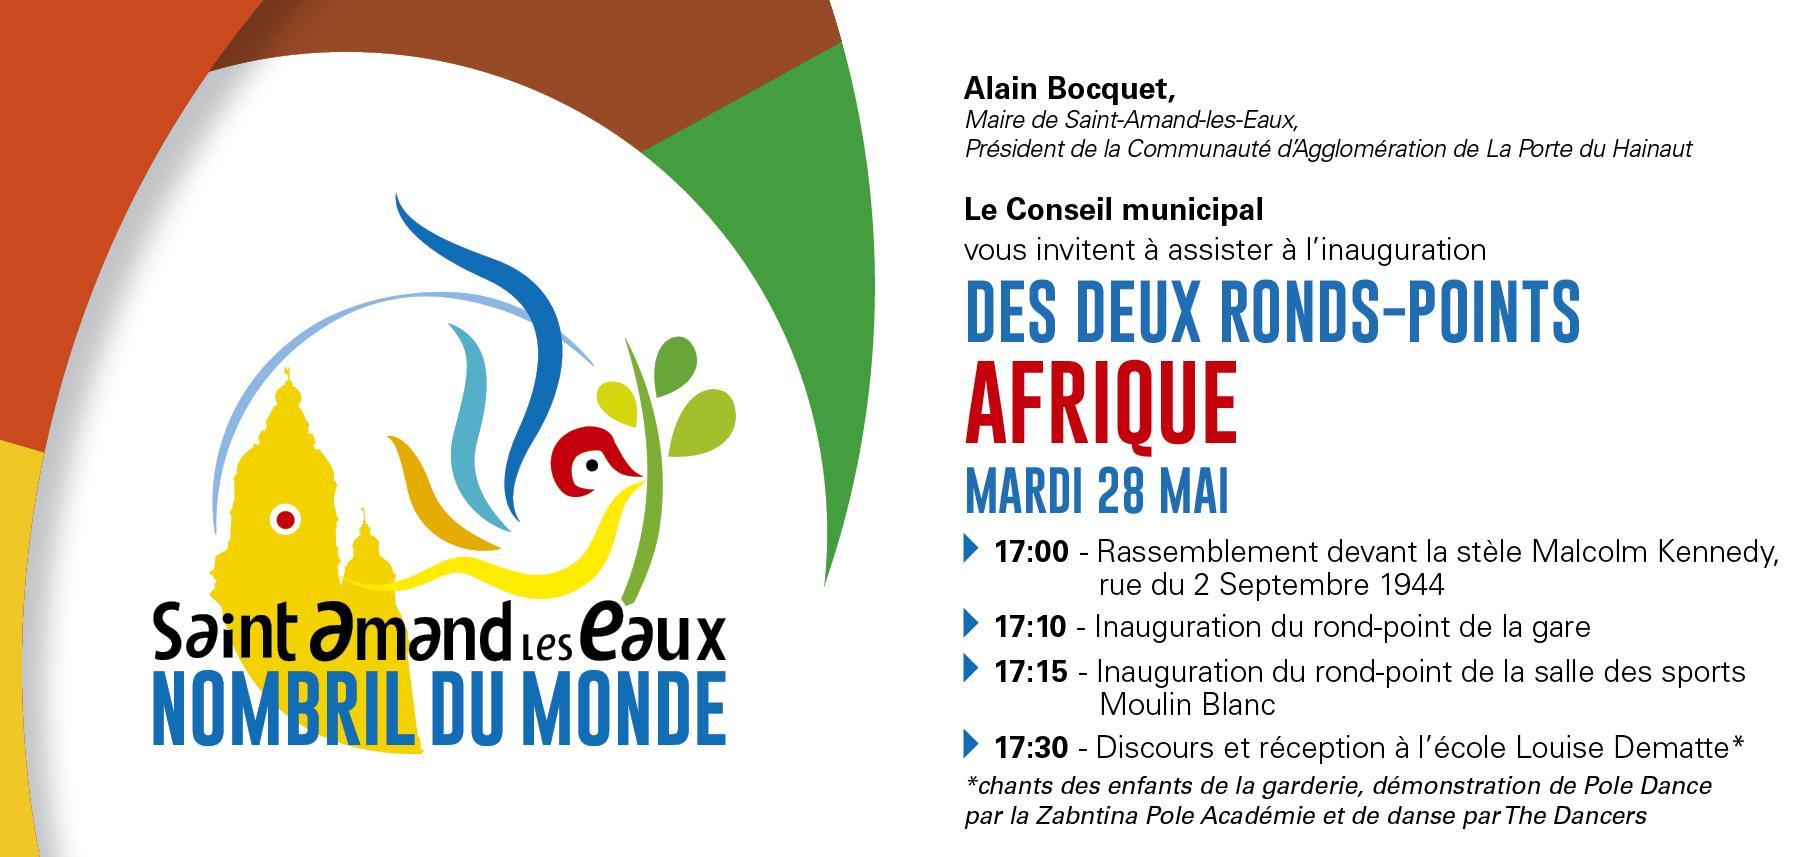 Inauguration ronds points afrique ville de saint amand - Piscine saint amand les eaux horaires ...